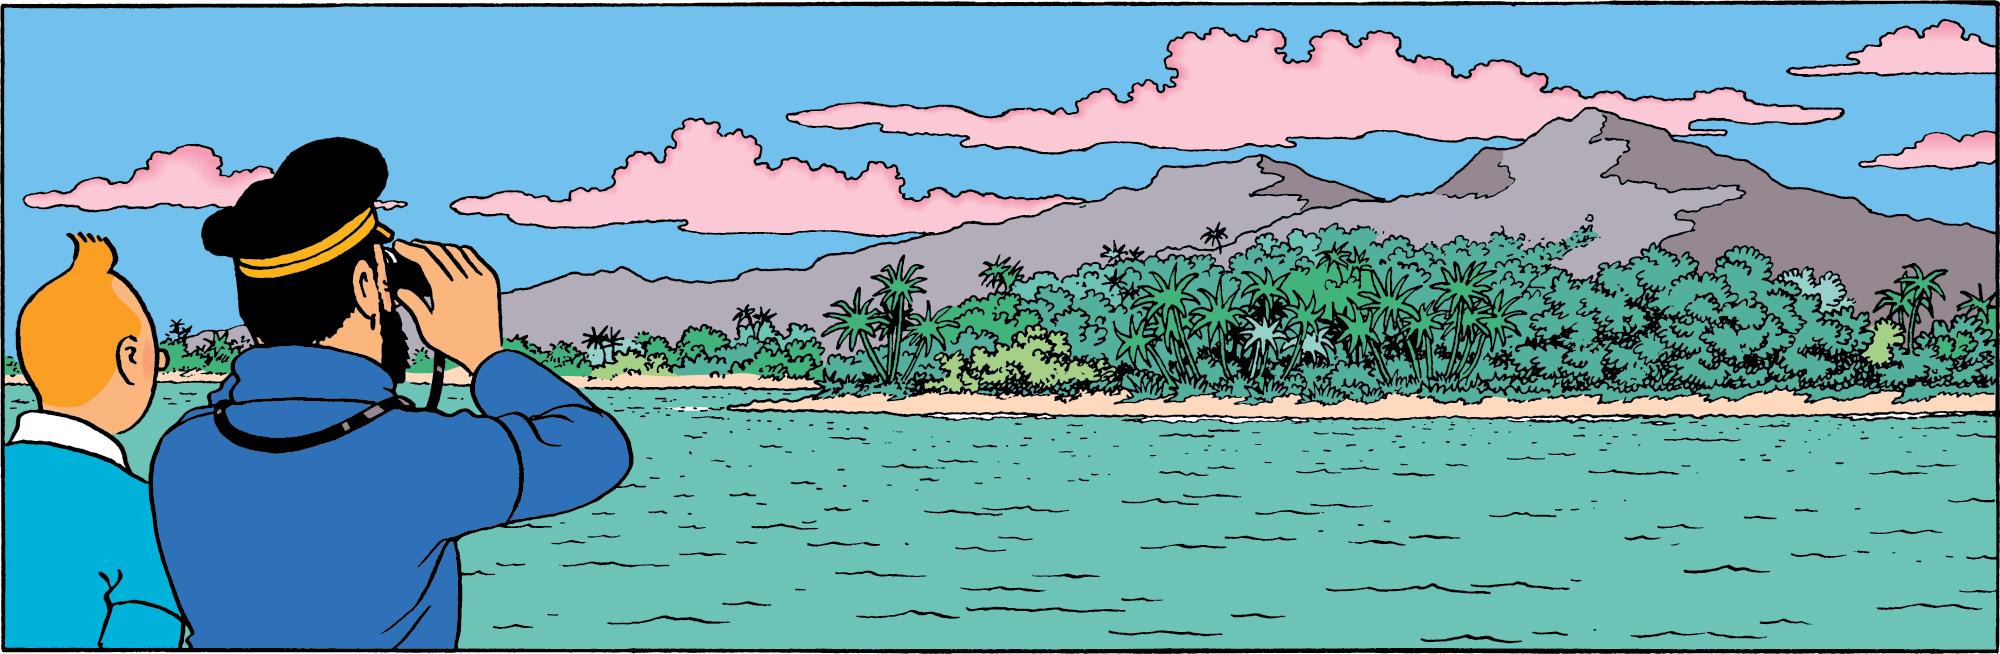 Tintin - Les Aventures De Tintin - Le Trésor de Rackham le Rouge